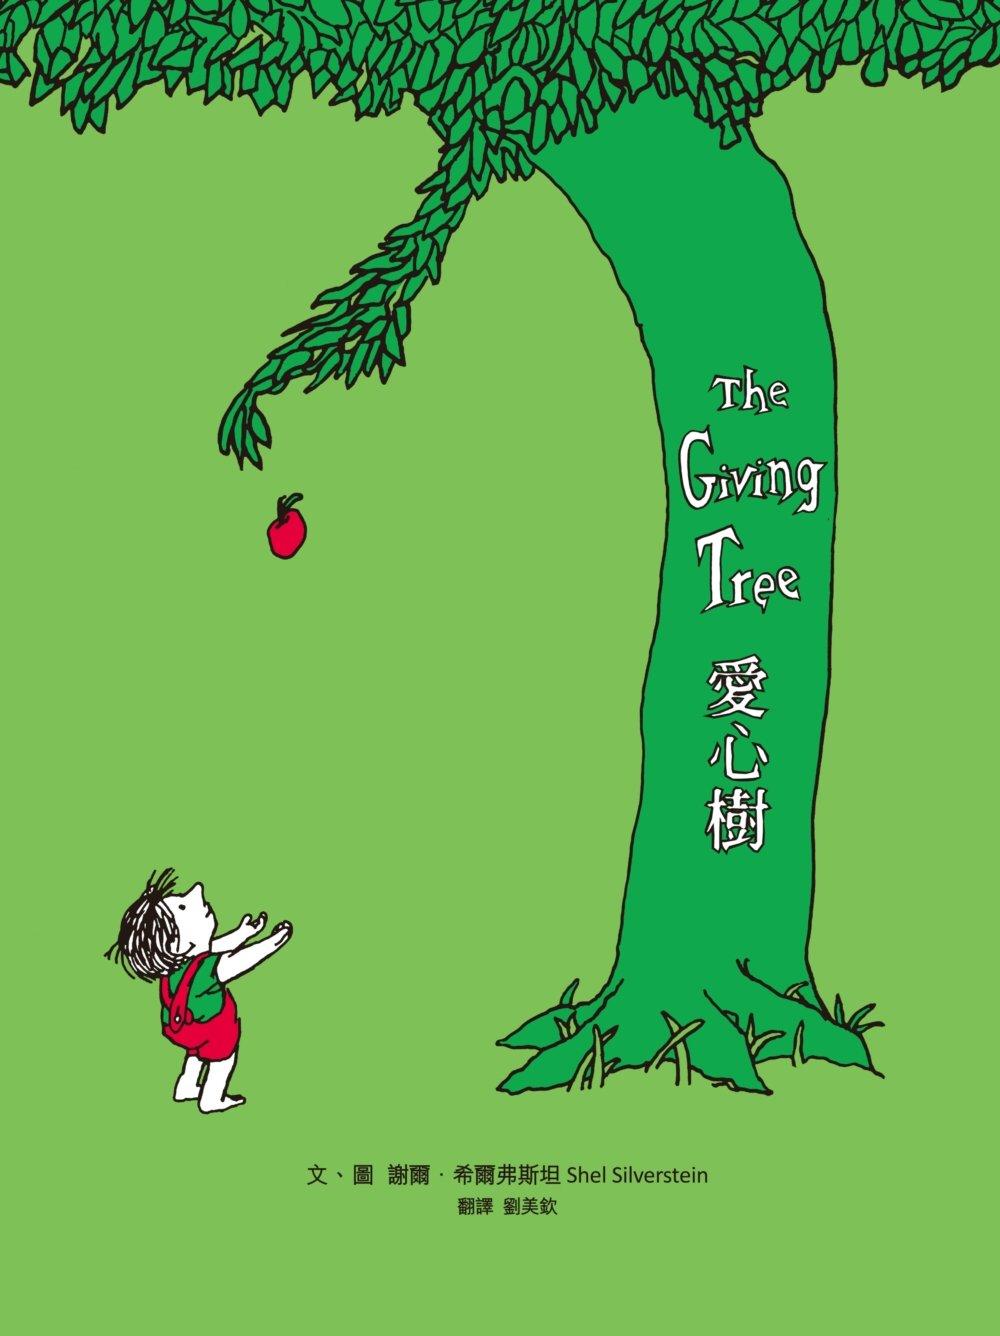 愛心樹(50周年紀念版,首刷限量經典珍藏書衣)